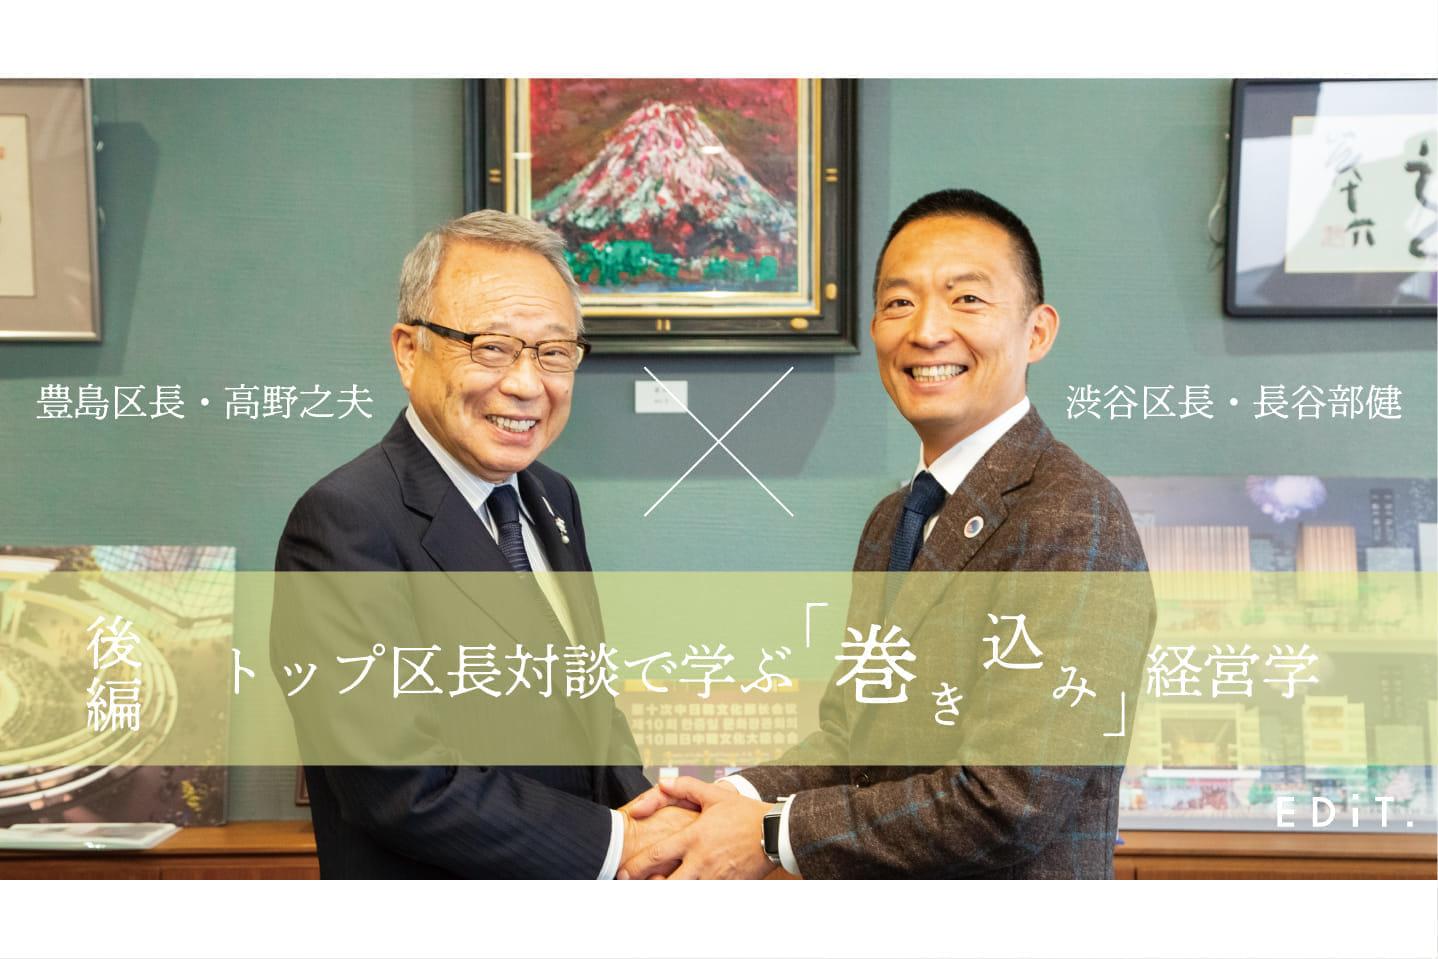 豊島区長・高野之夫×渋谷区長・長谷部健 対談【後編】